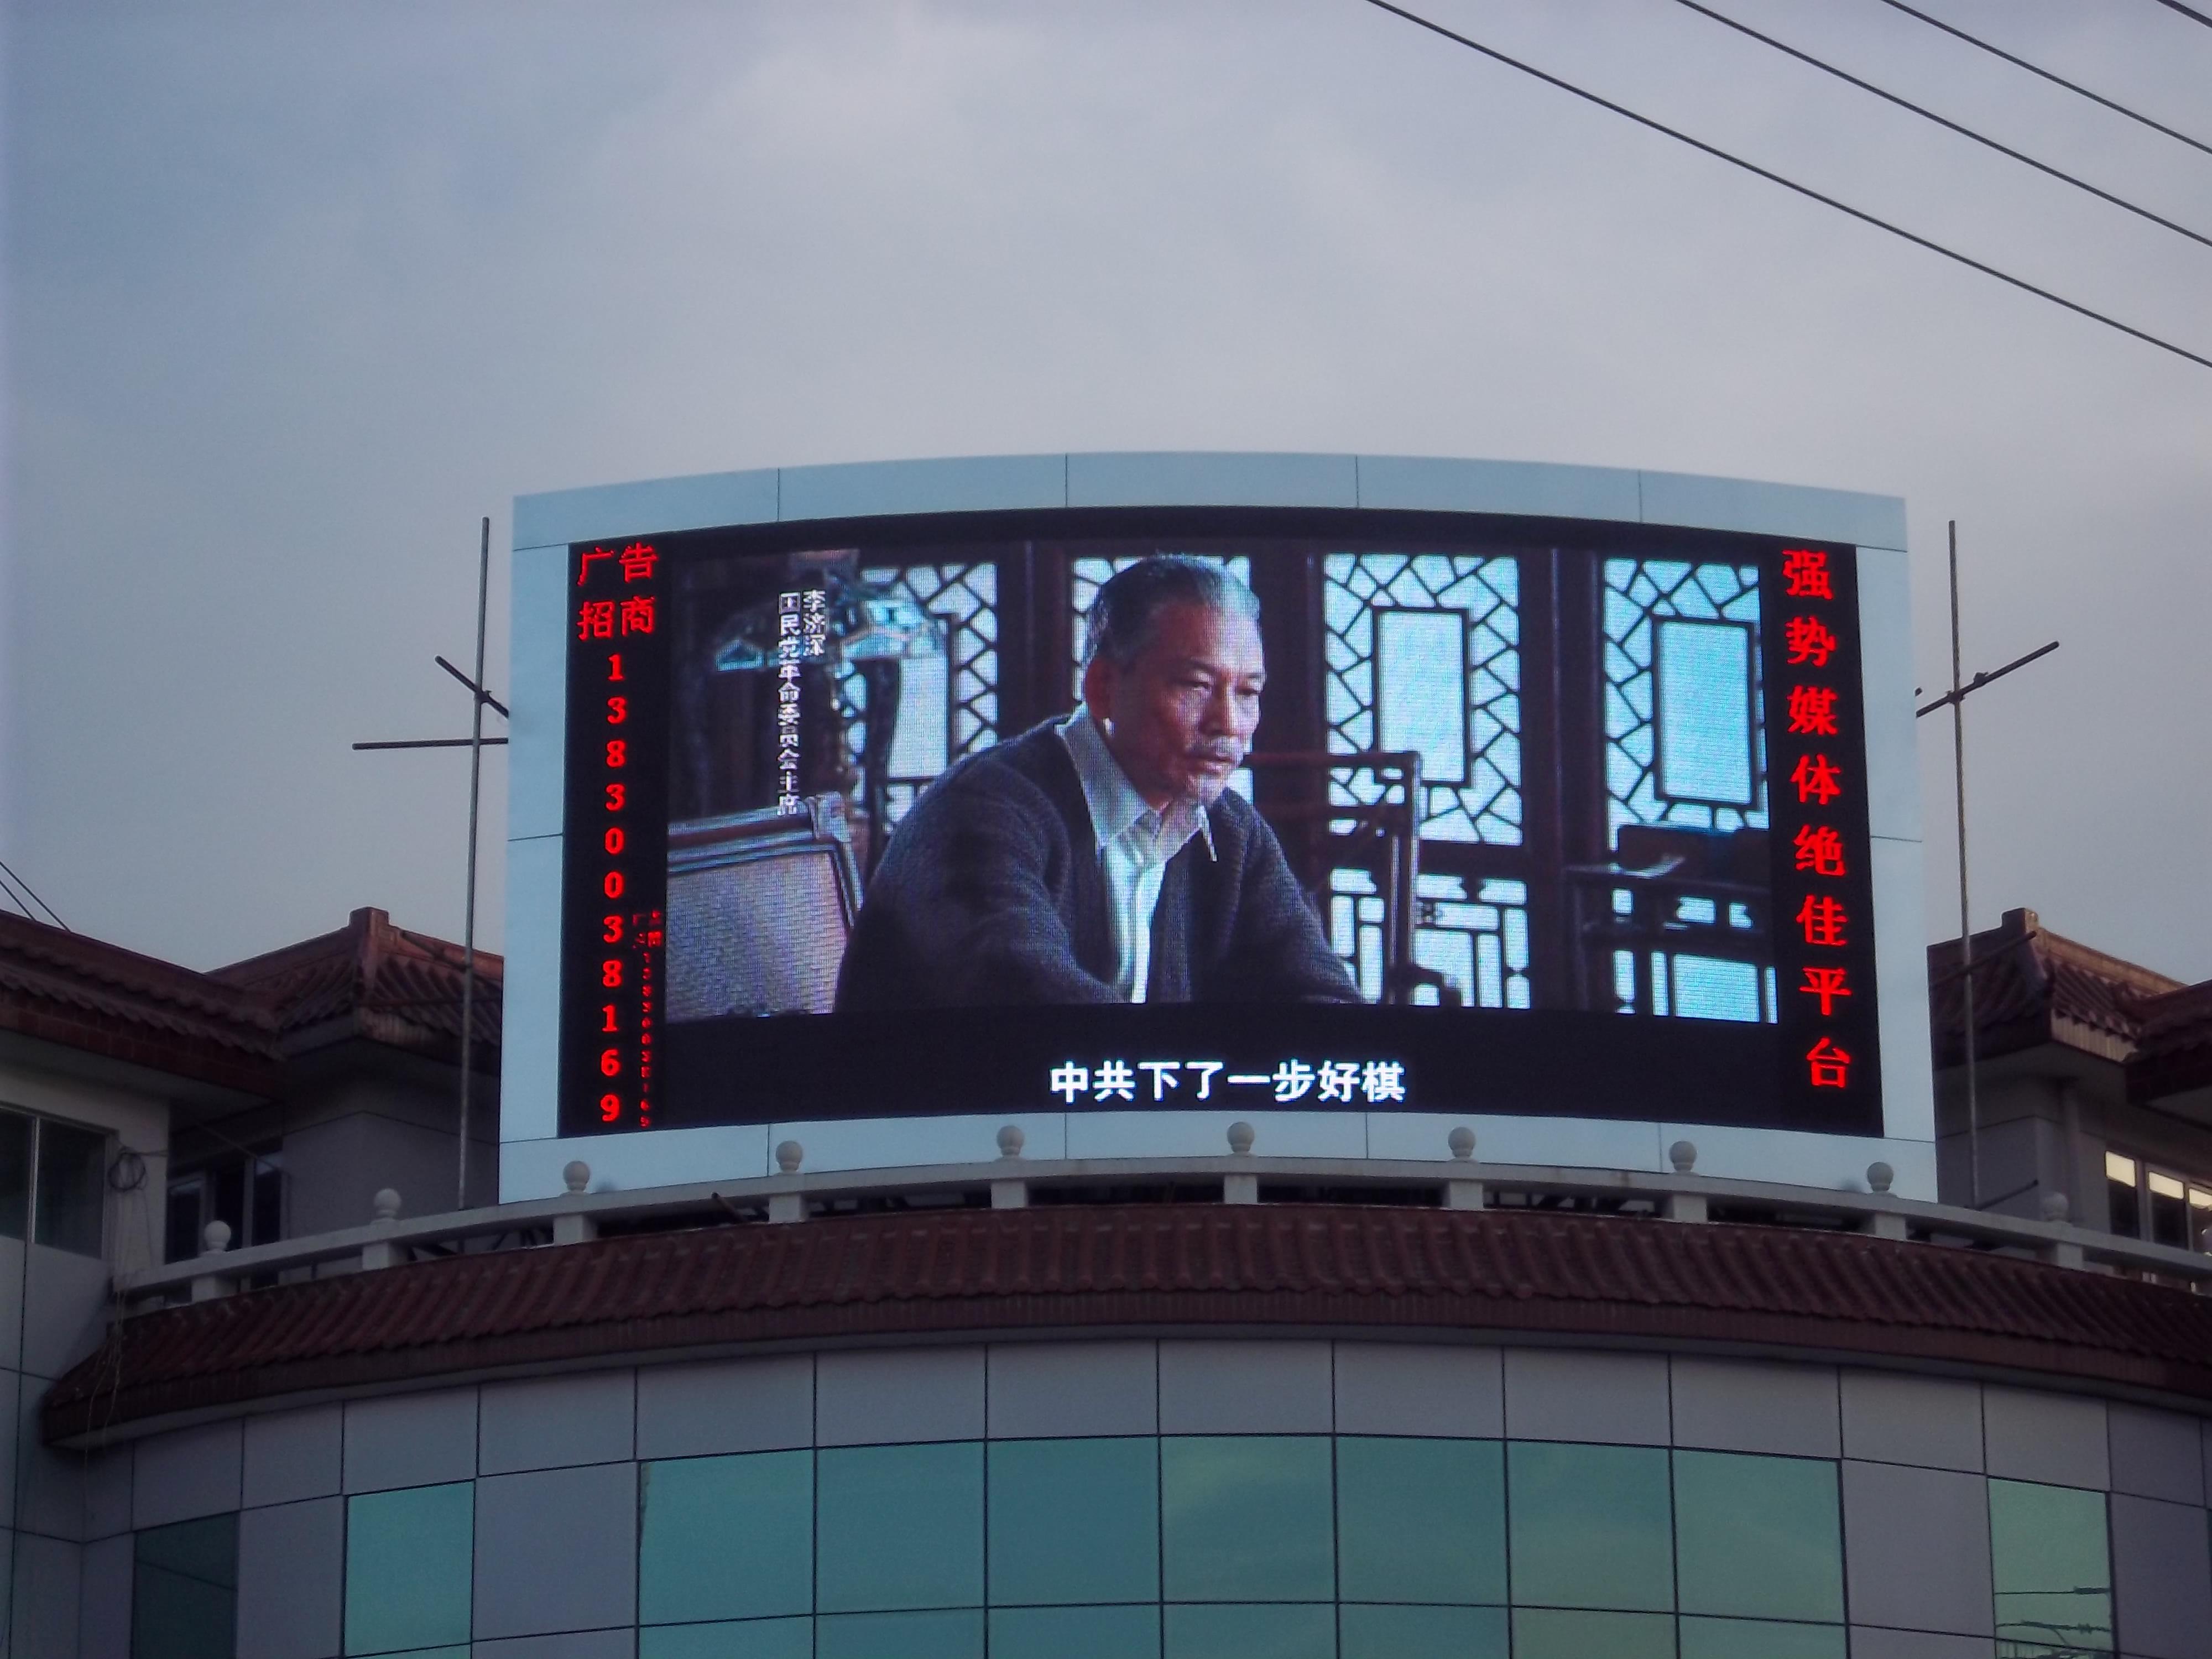 顯示屏|案例圖庫-濟南龍泰廣告傳媒有限公司圖片